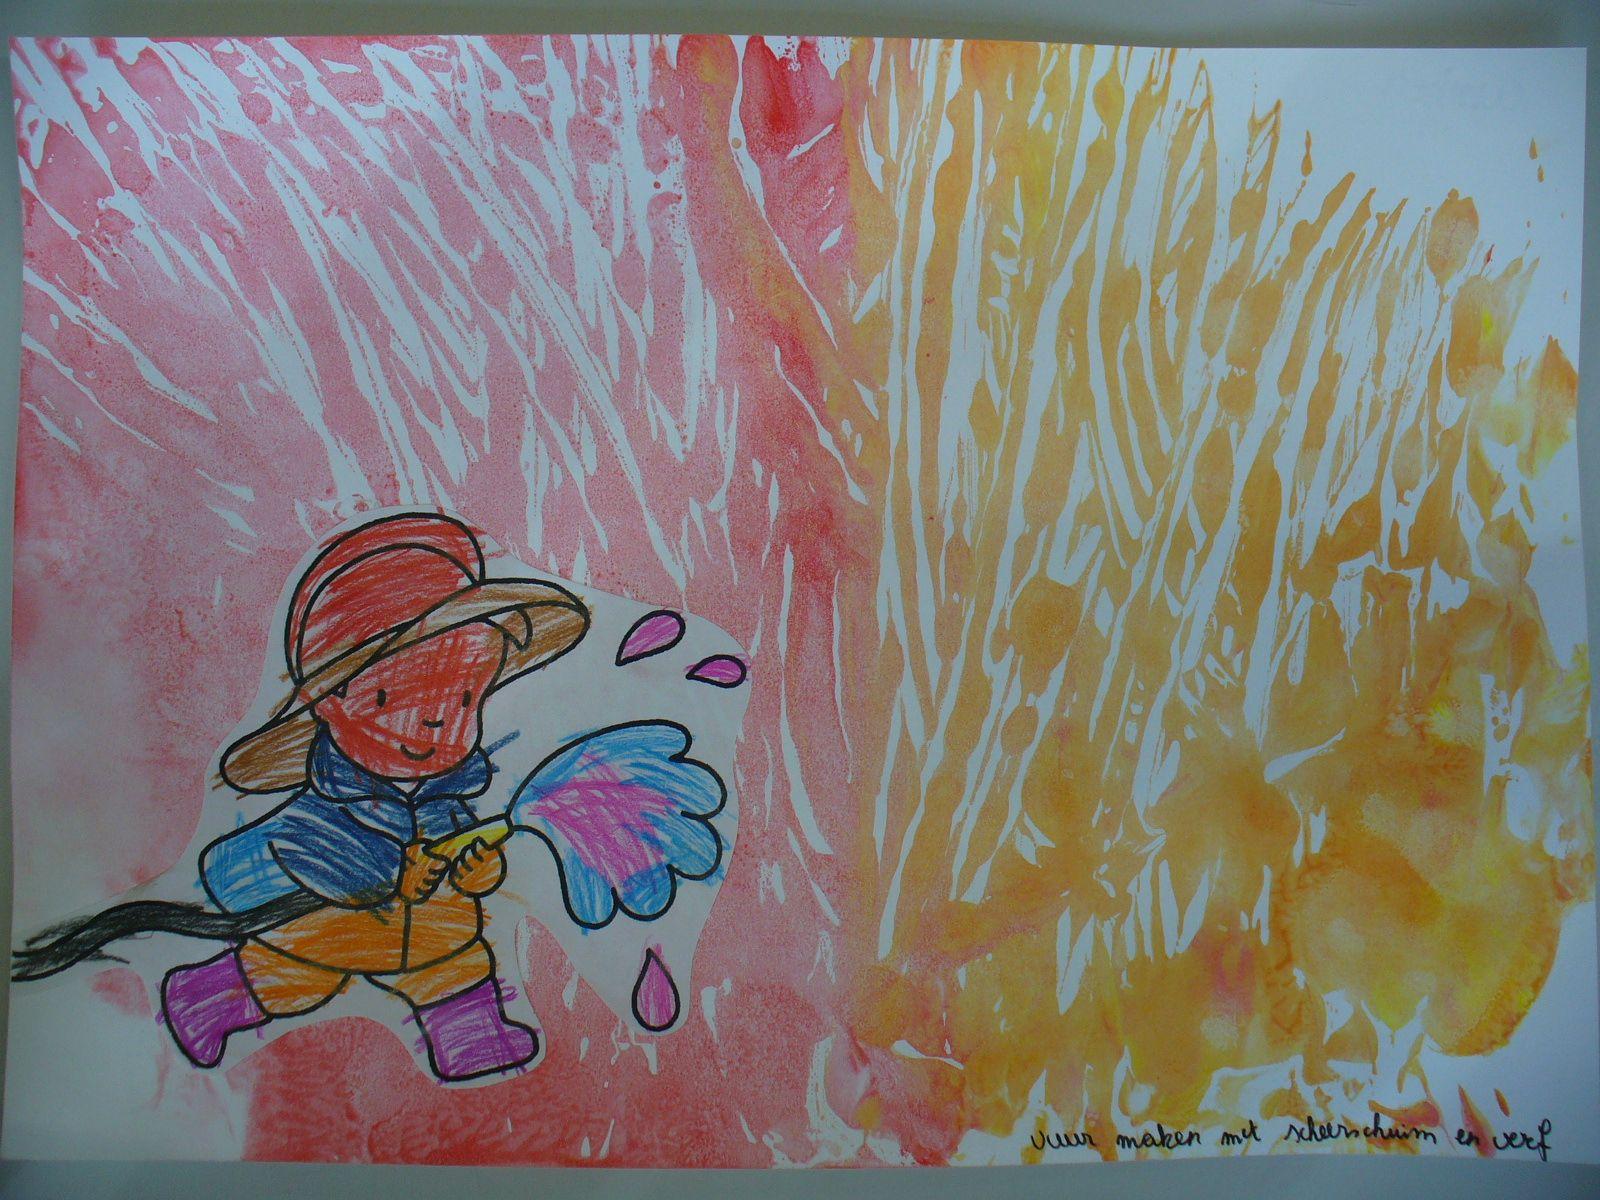 Vuur maken met scheerschuim en verf op tafel afdrukken op papier brandweer pinterest met - Maken rode verf ...